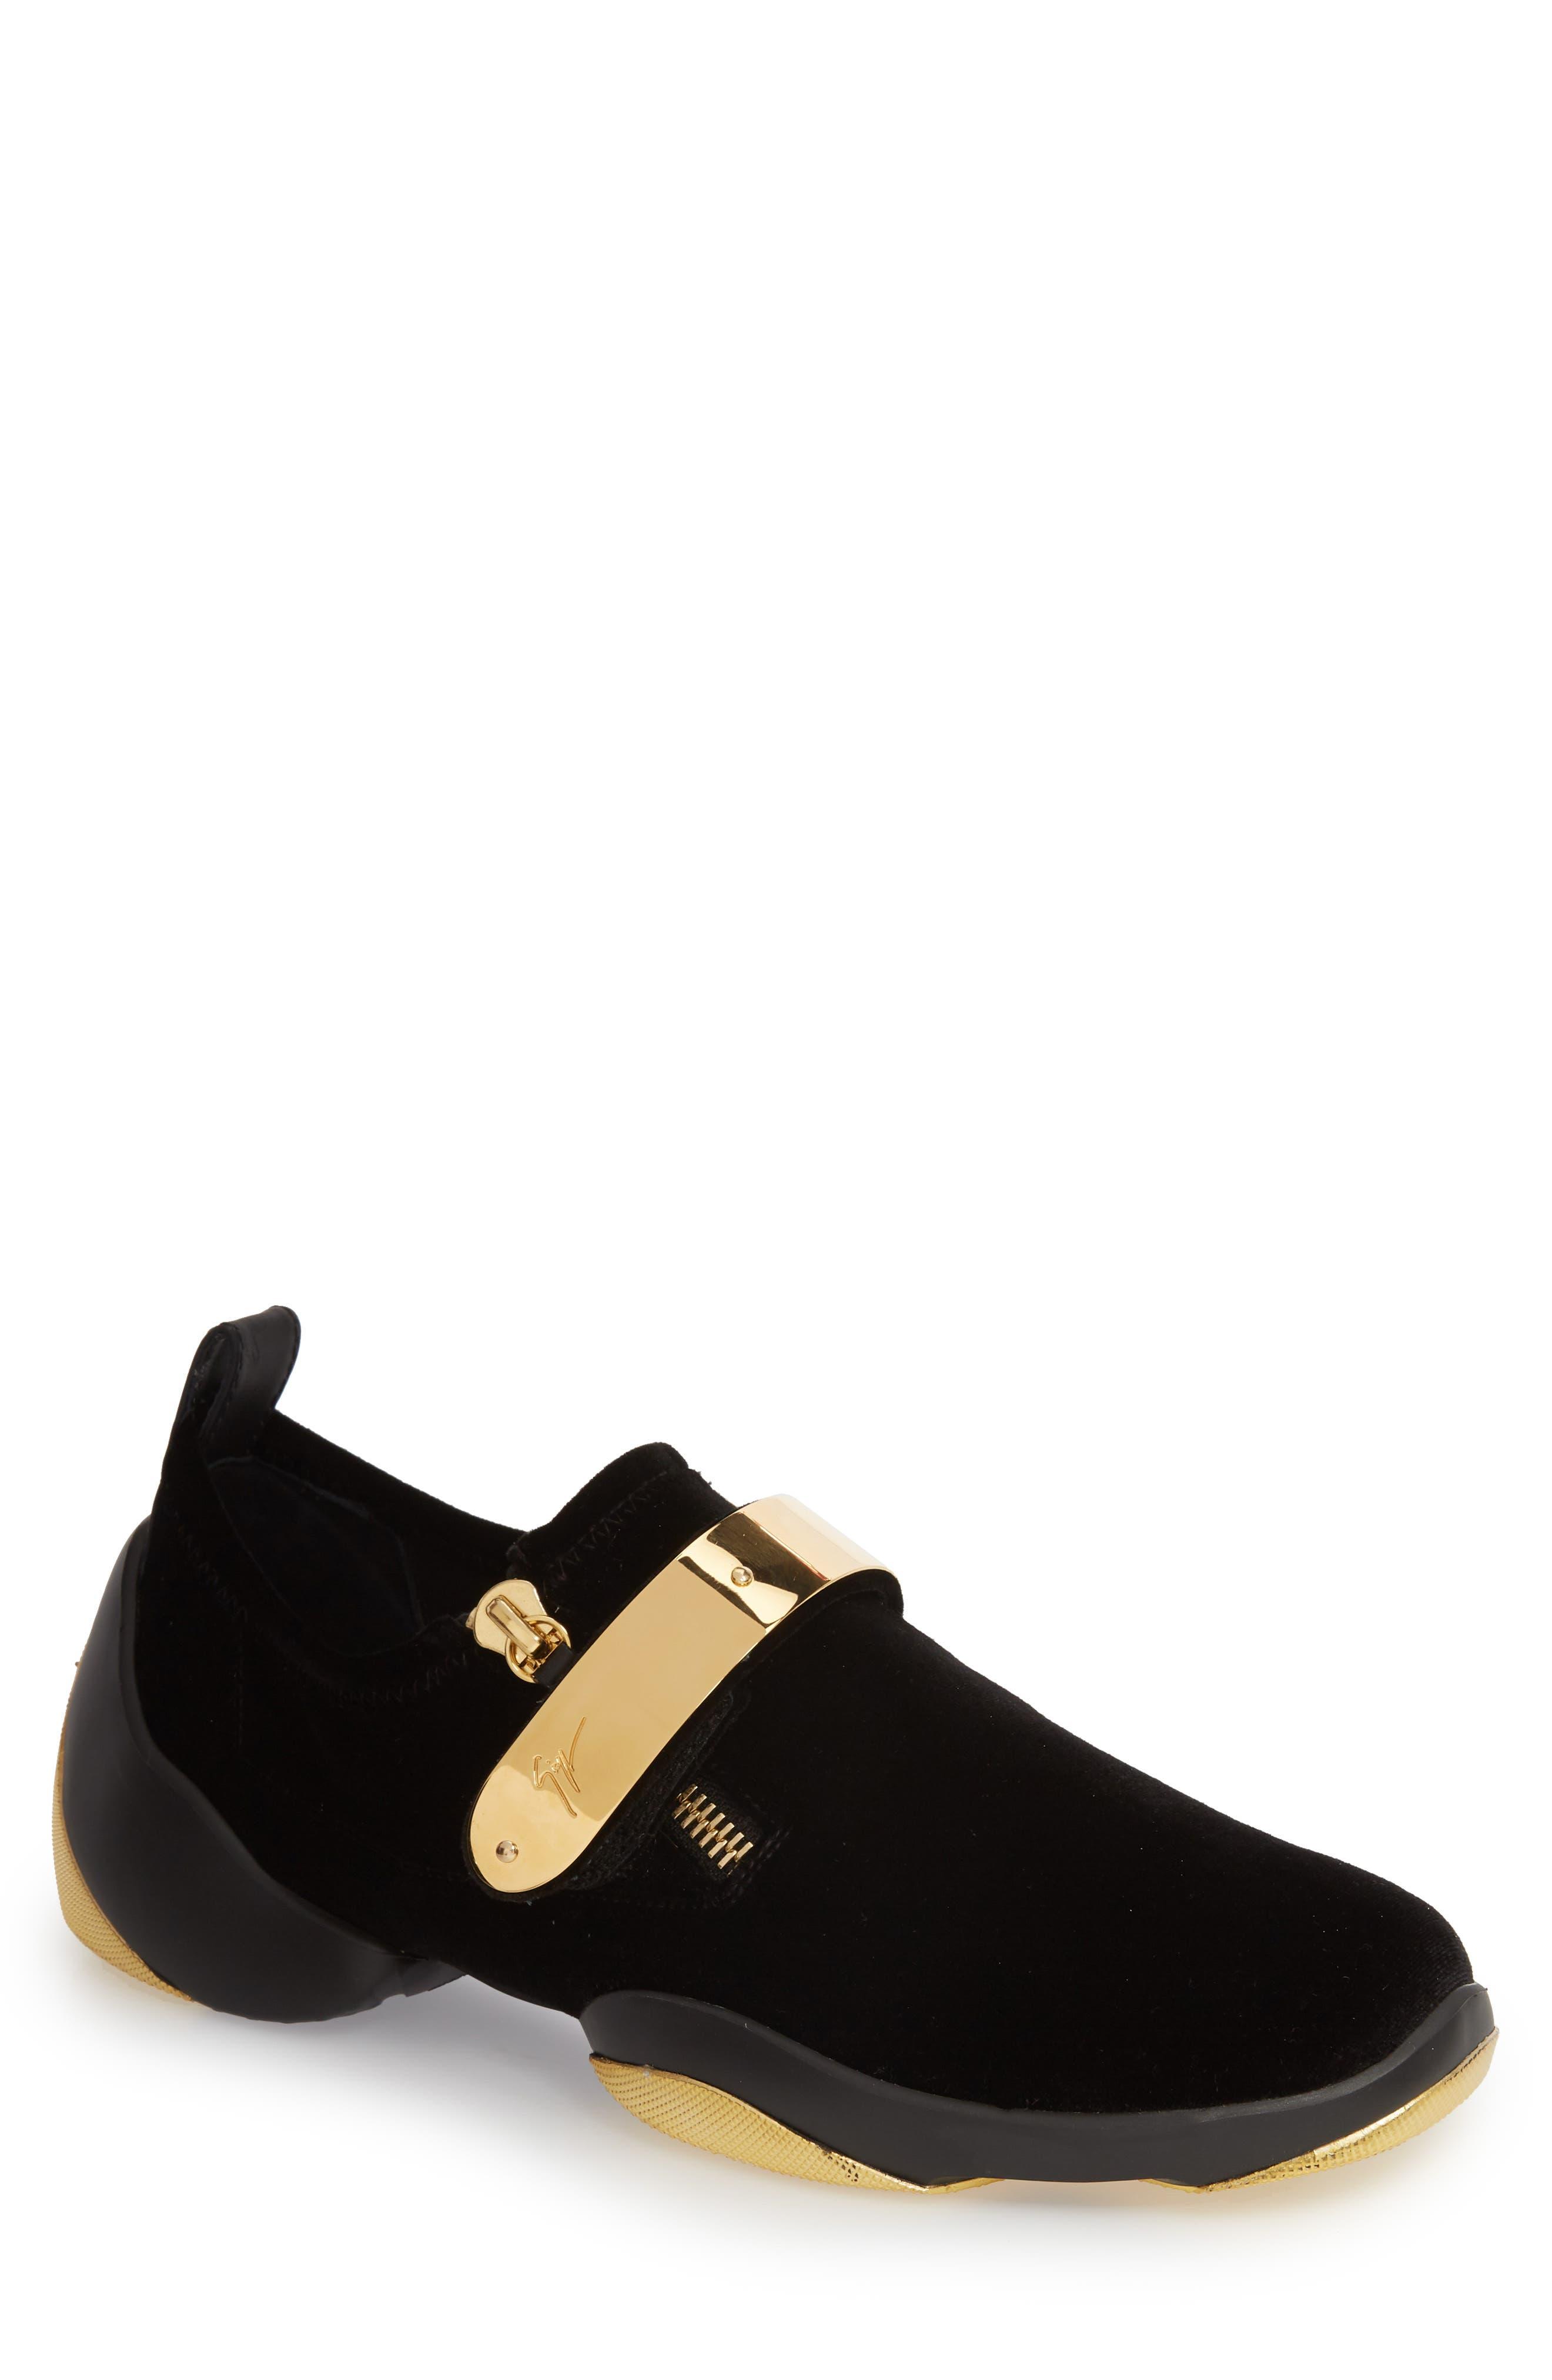 Sneakers for Men On Sale, Black, Velvet, 2017, 10.5 6 6.5 7 8 Giuseppe Zanotti